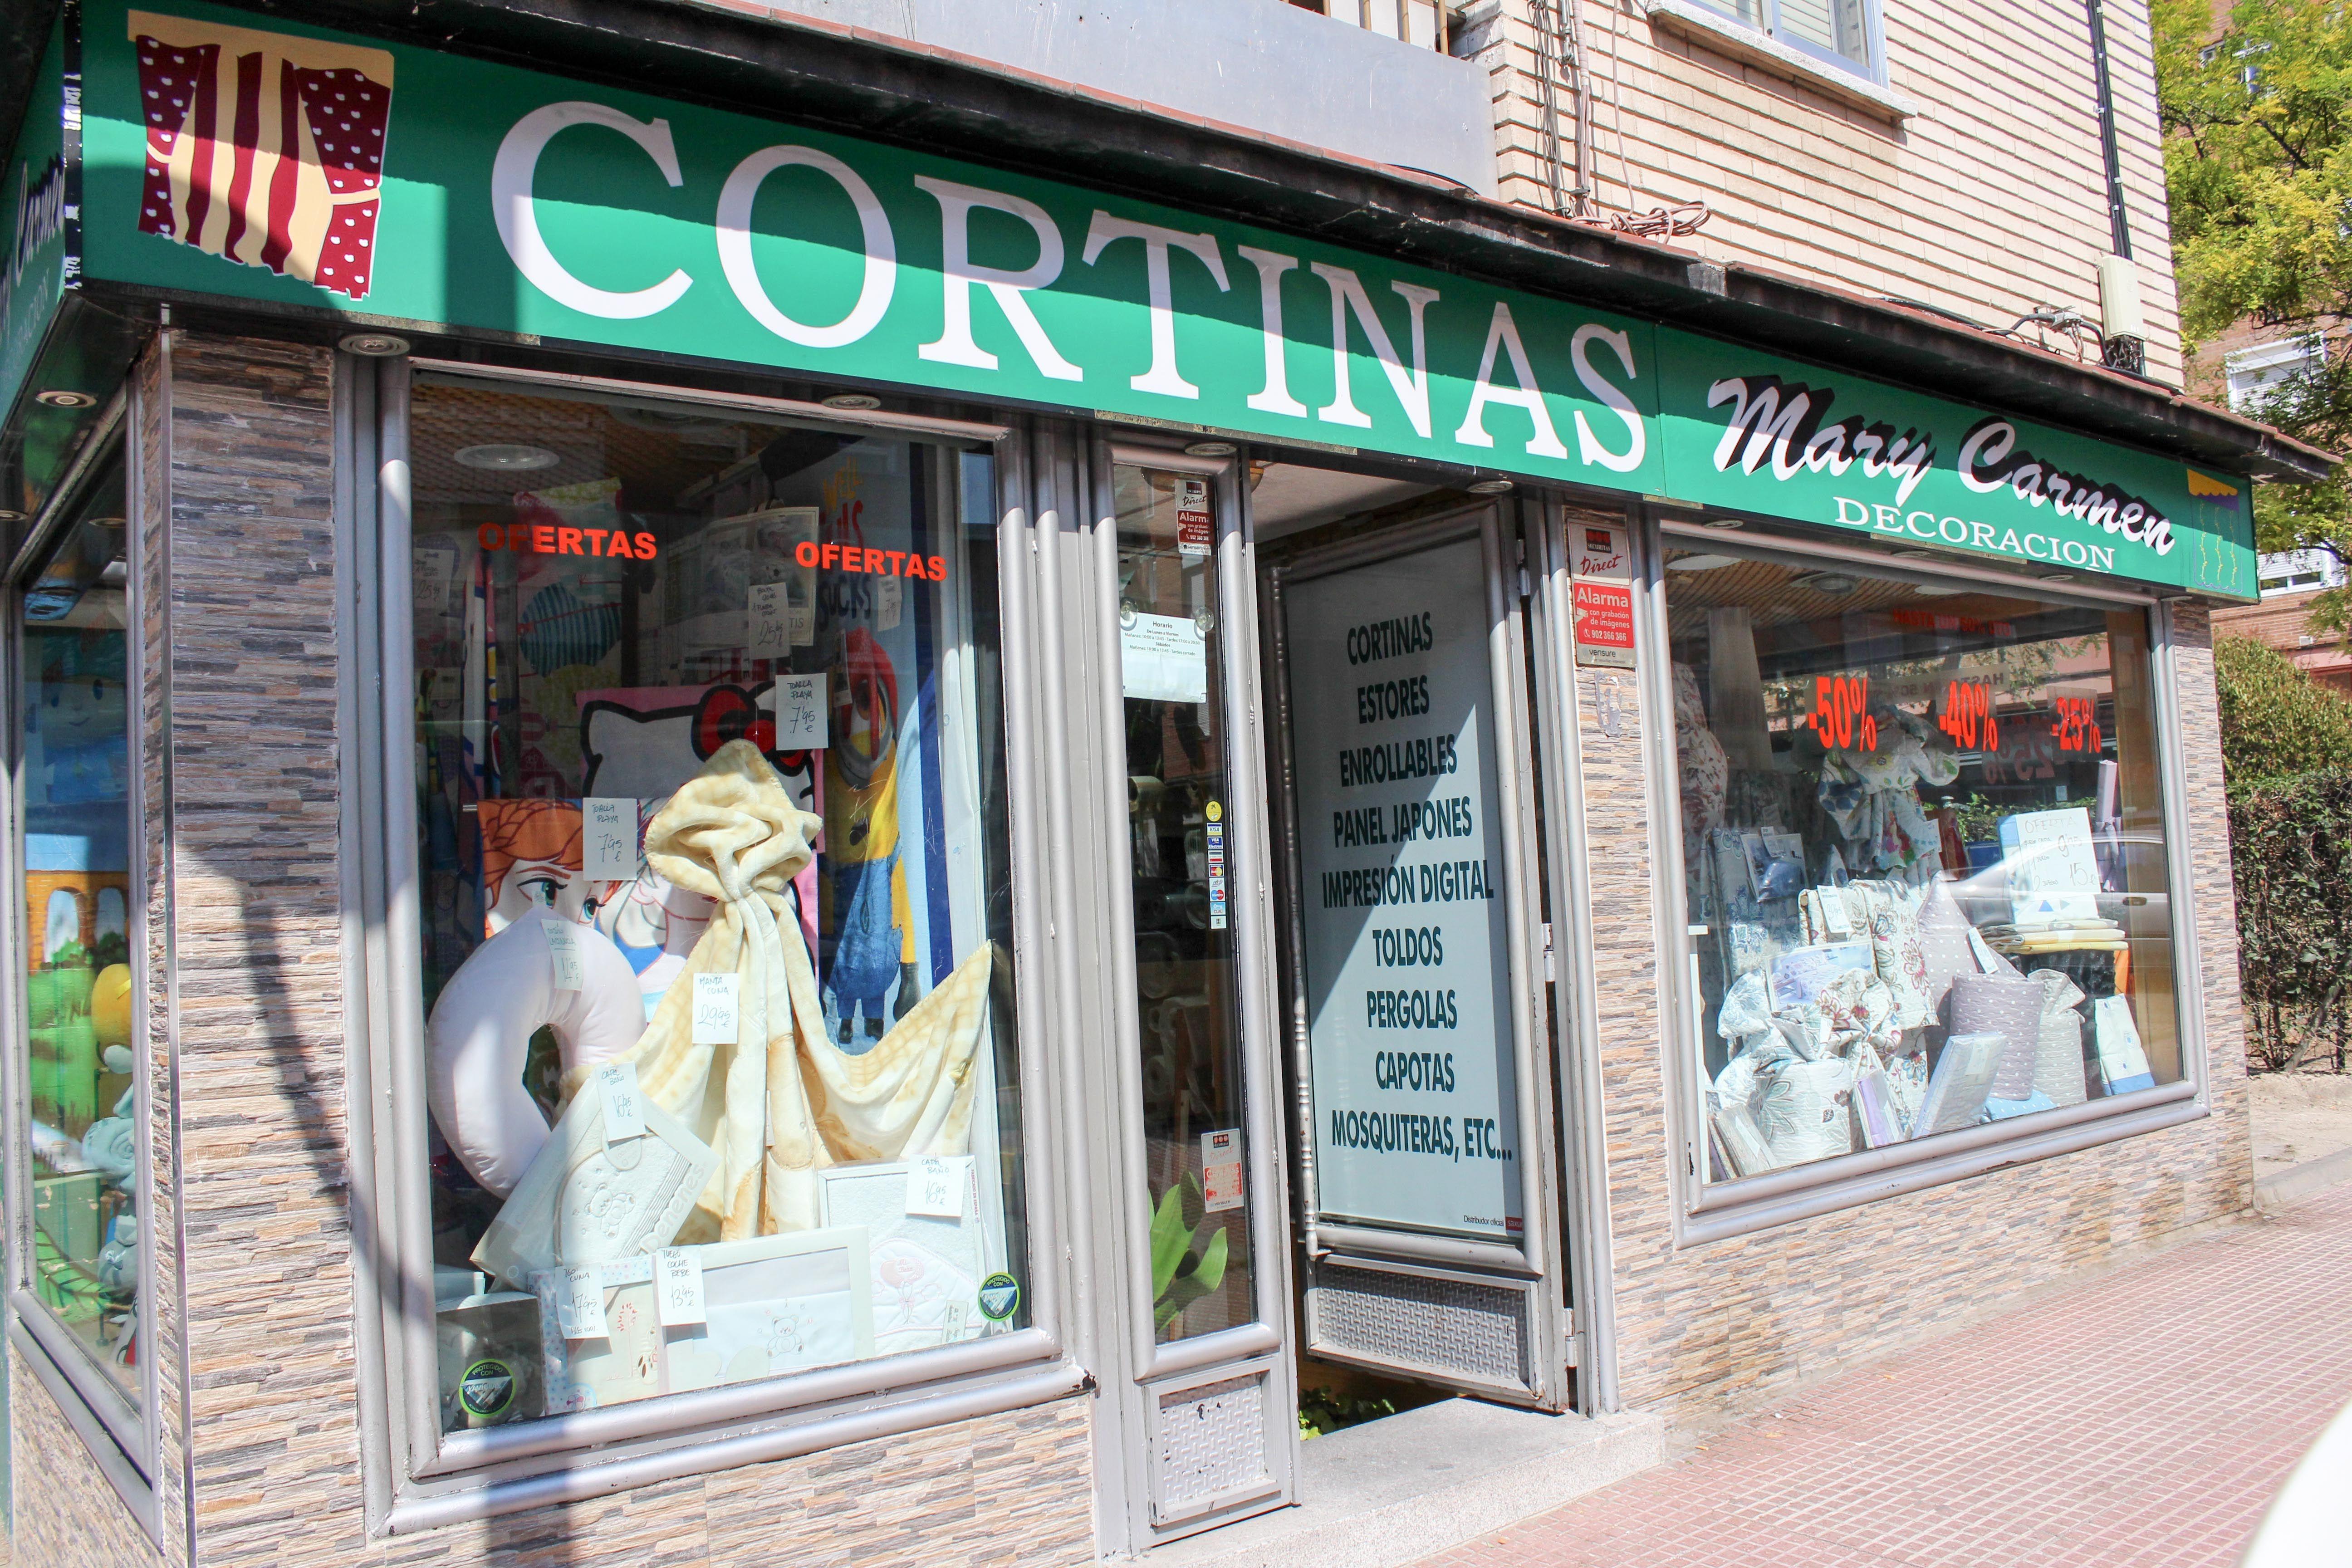 Foto 4 de Cortinas en Móstoles | Mary Carmen Durán